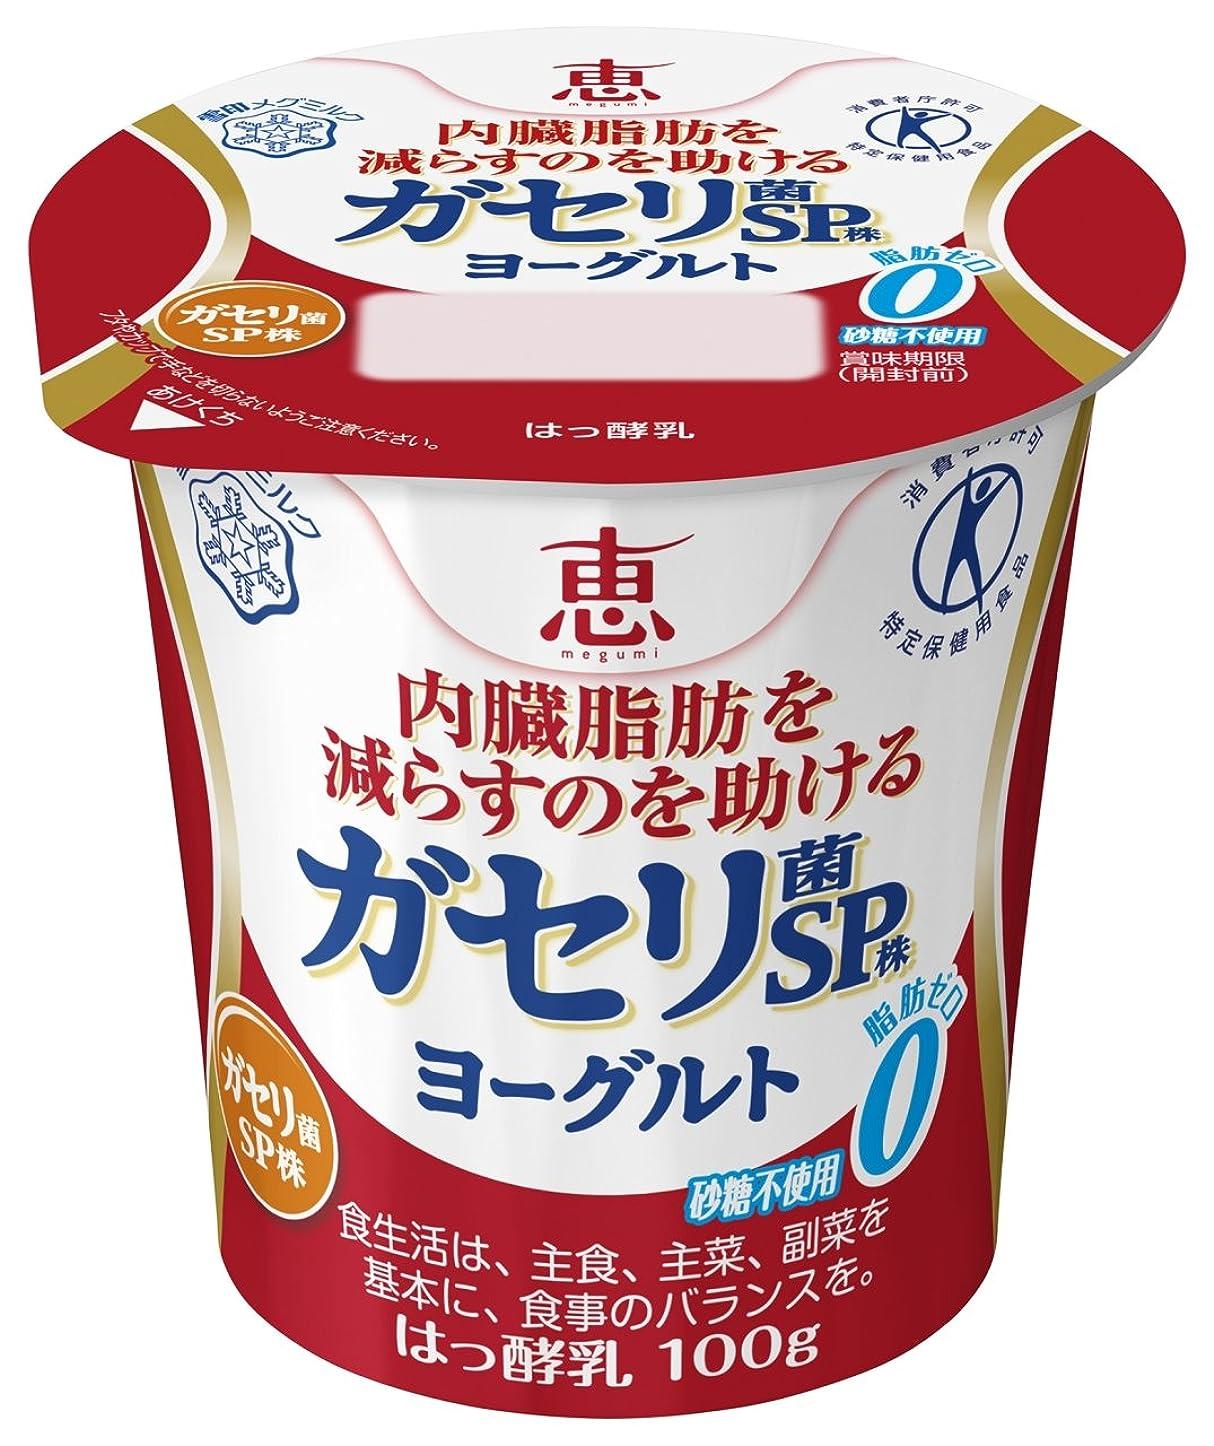 誘発するあらゆる種類の緩む[冷蔵]ダノンジャパン ダノンオイコス 脂肪0 プレーン?砂糖不使用 110g